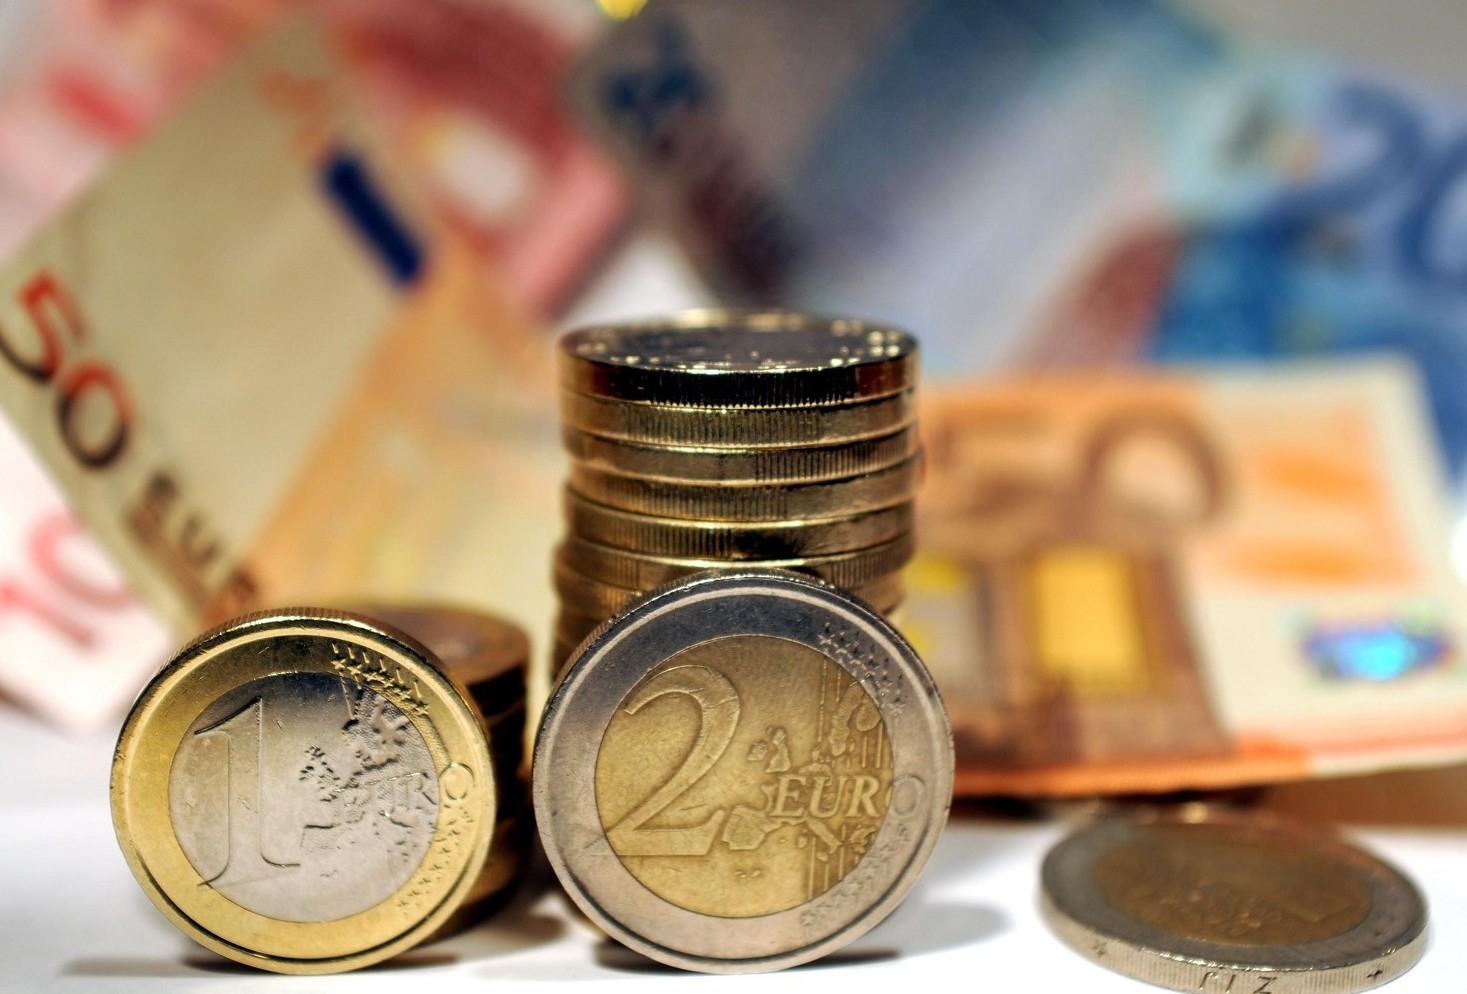 Stipendio non pagato, cosa fare. Regole e leggi attuali in vigore